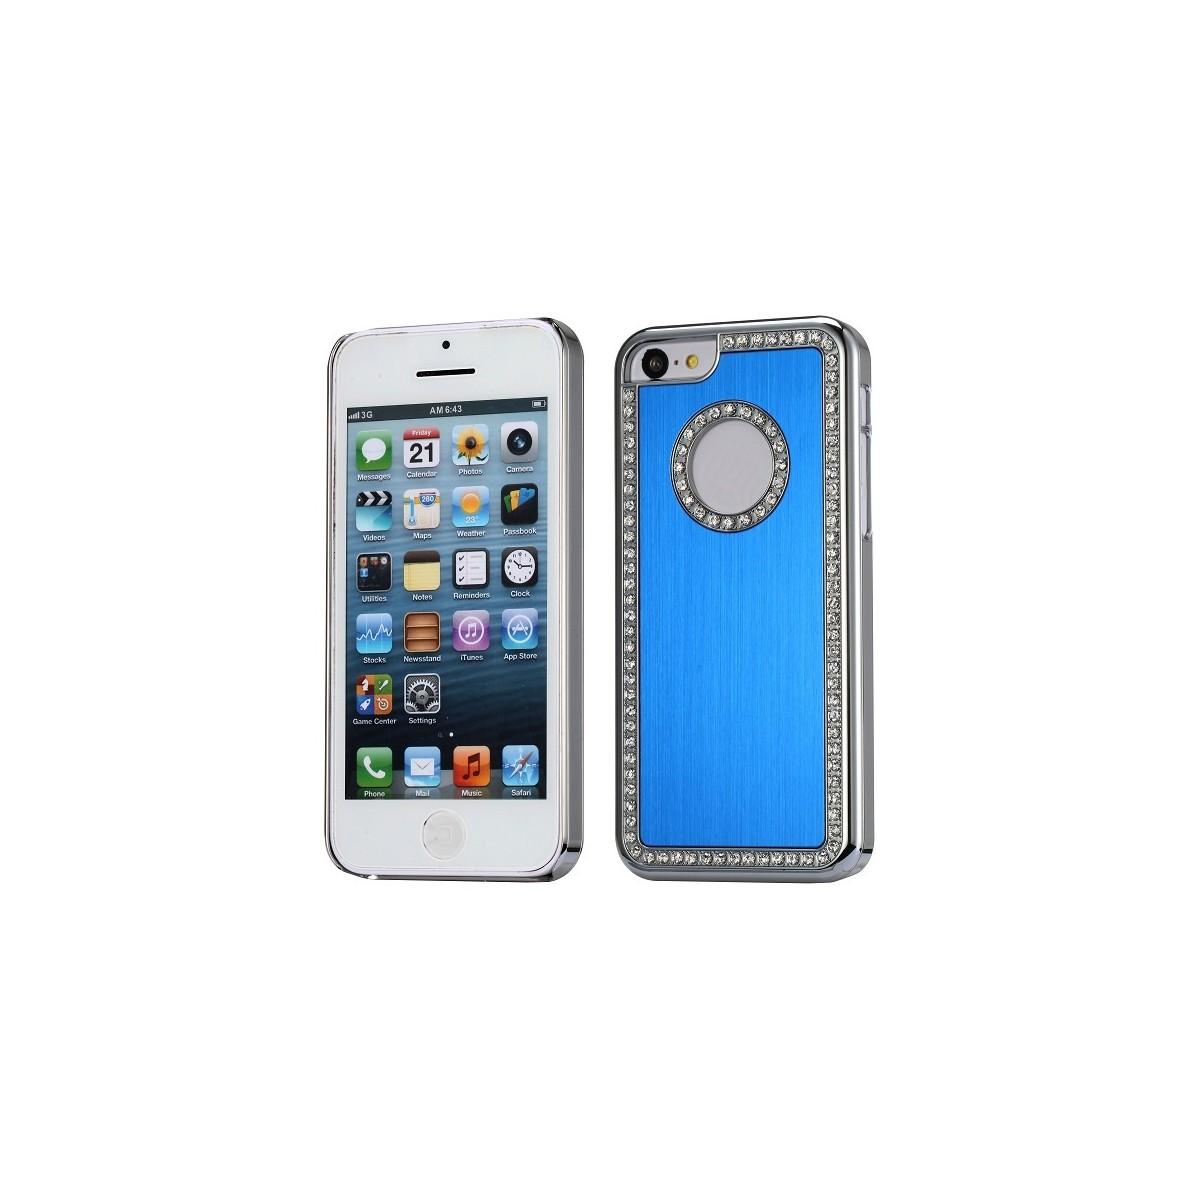 Coque iPhone 5C aluminium brossé bleu nuit et Strass